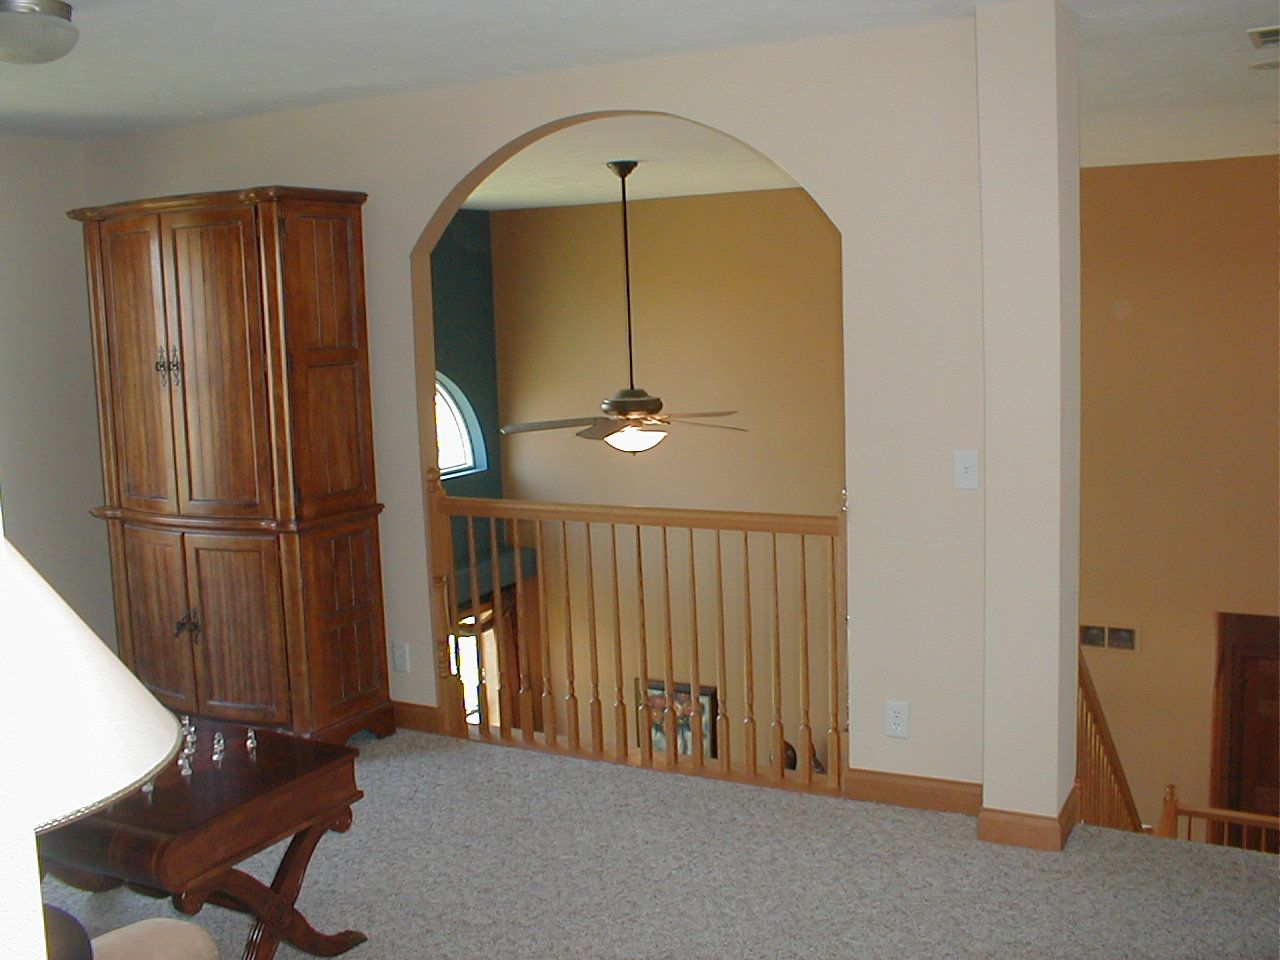 Upstairs of a Pine Ridge Home